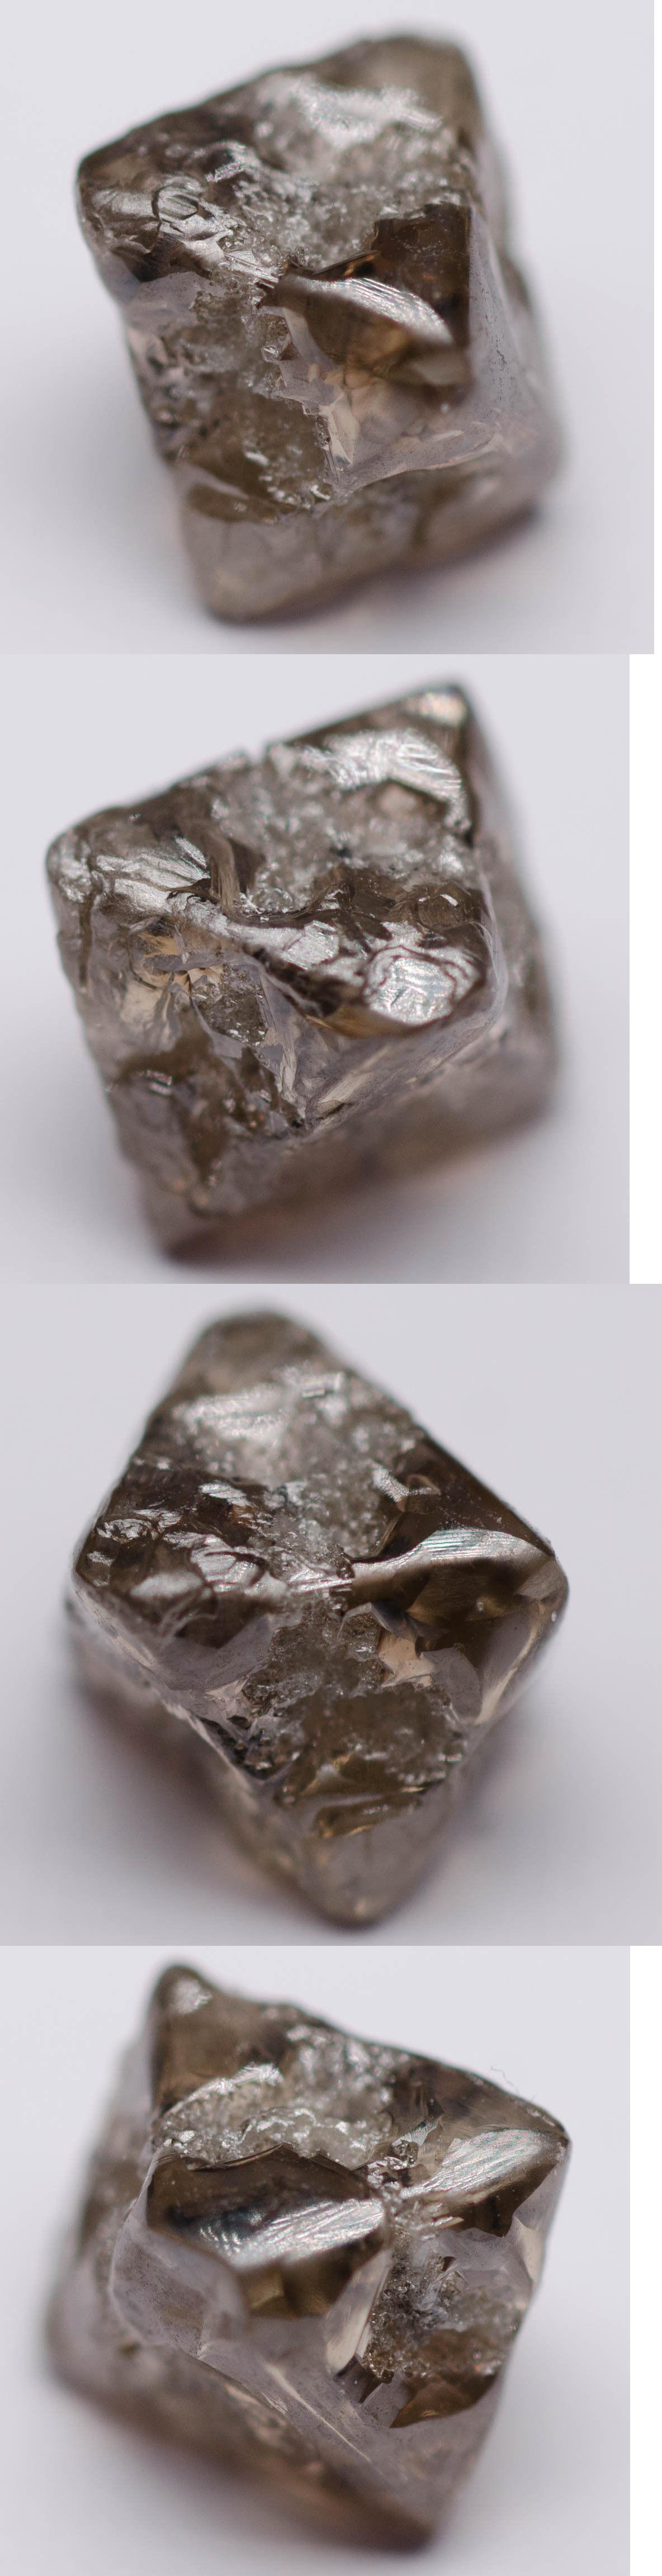 Rough Natural Diamonds 110733 1.75 Carat Natural Rough